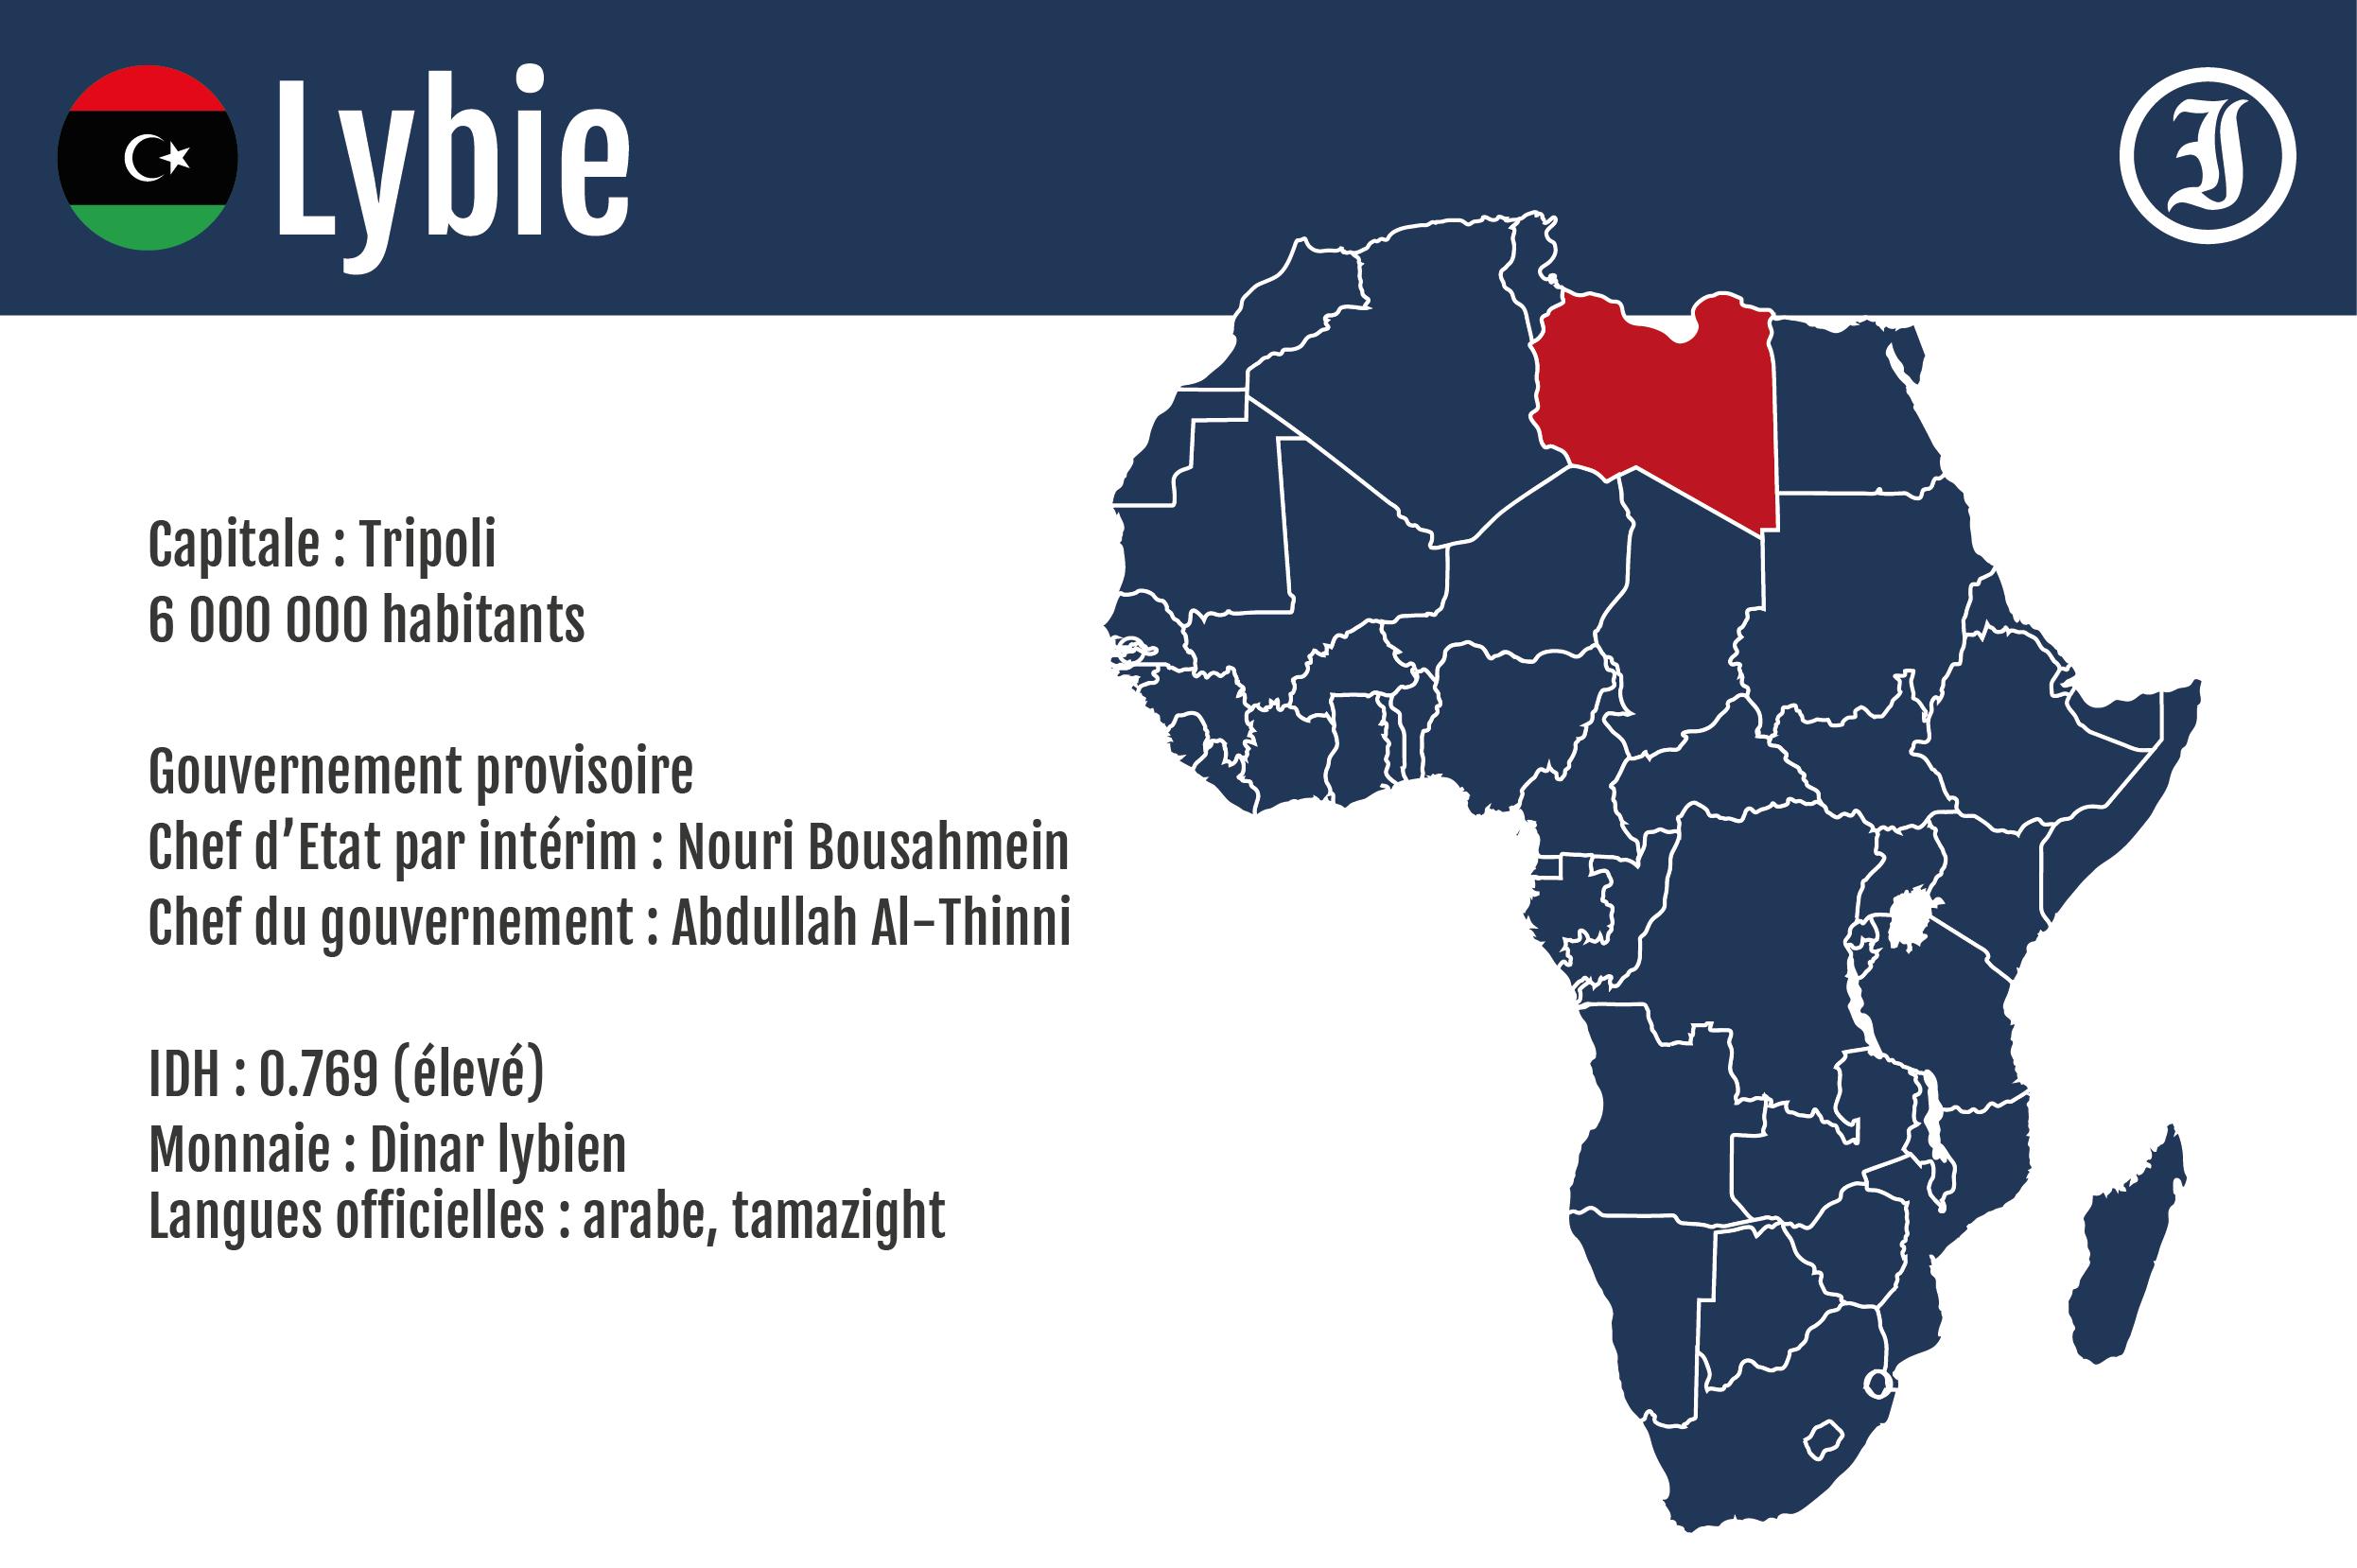 Lybie : deux attaques touchent des ambassades